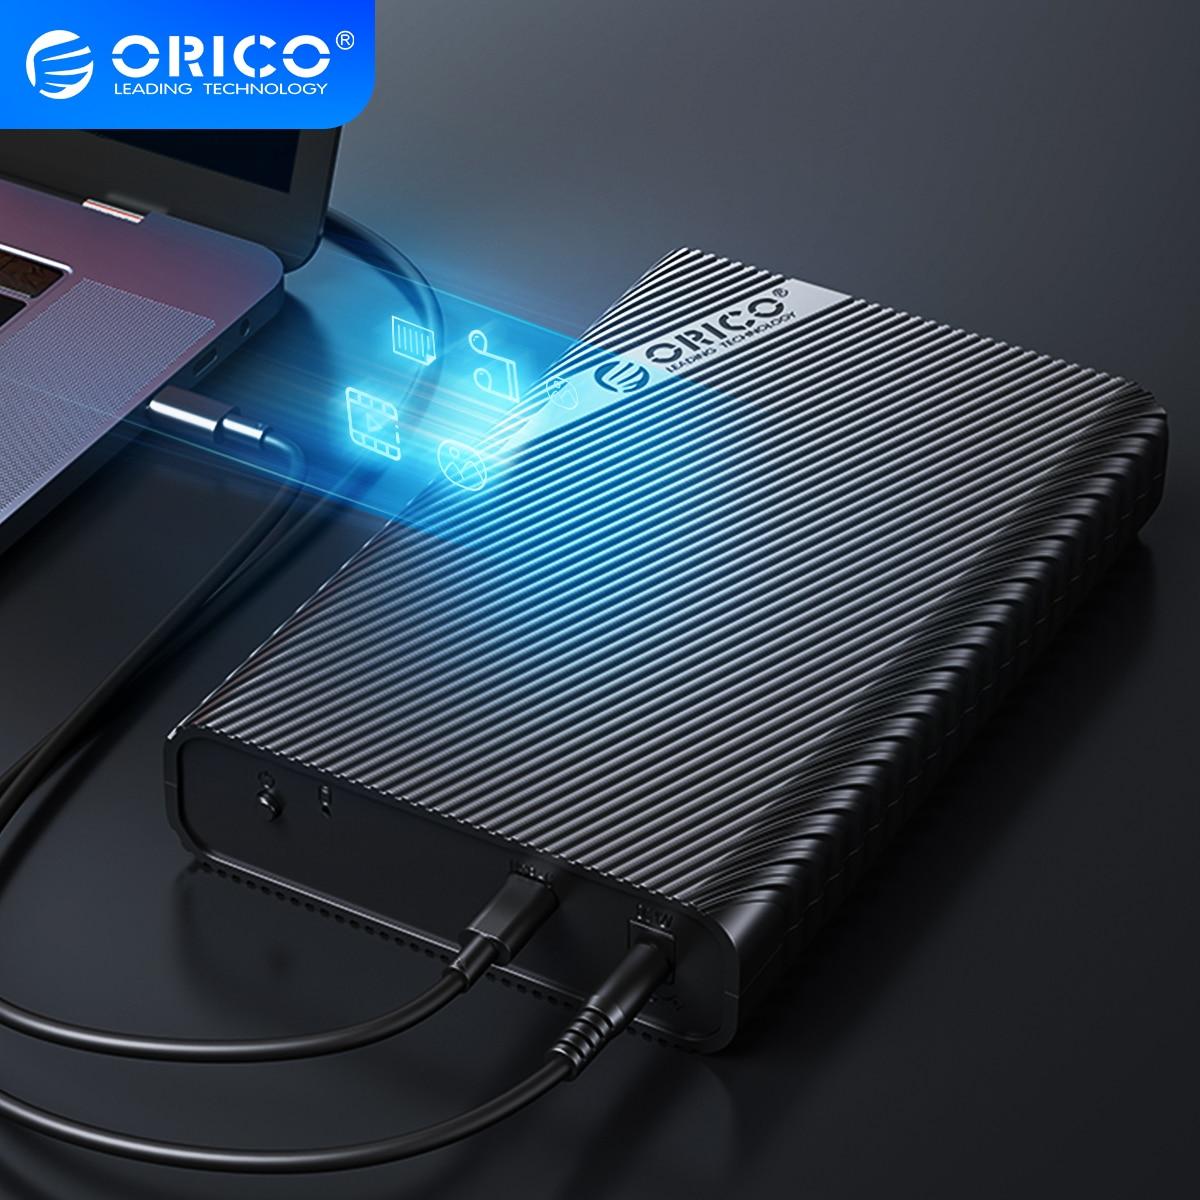 Корпус внешнего жесткого диска ORICO 3,5 дюйма с USB 3,0 на SATA 3,0 чехол для жесткого диска 2,5/3,5 HDD Box с поддержкой диска емкостью 18 ТБ